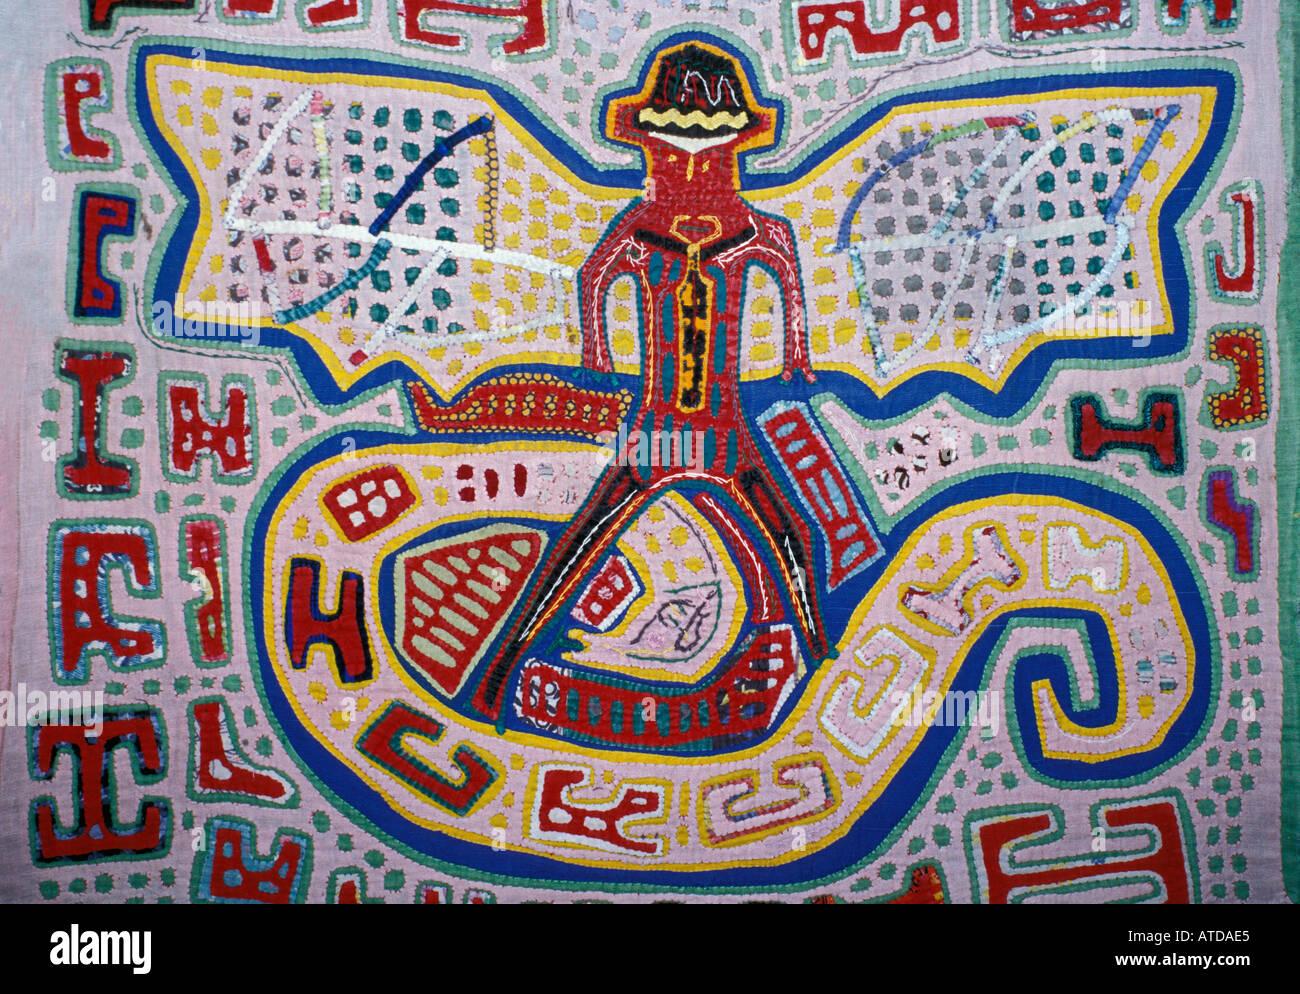 Applique decorazione applicata a bluse Molas s degli Indiani Kuna isole San  Blas Panama Immagini Stock a7eb78f44790